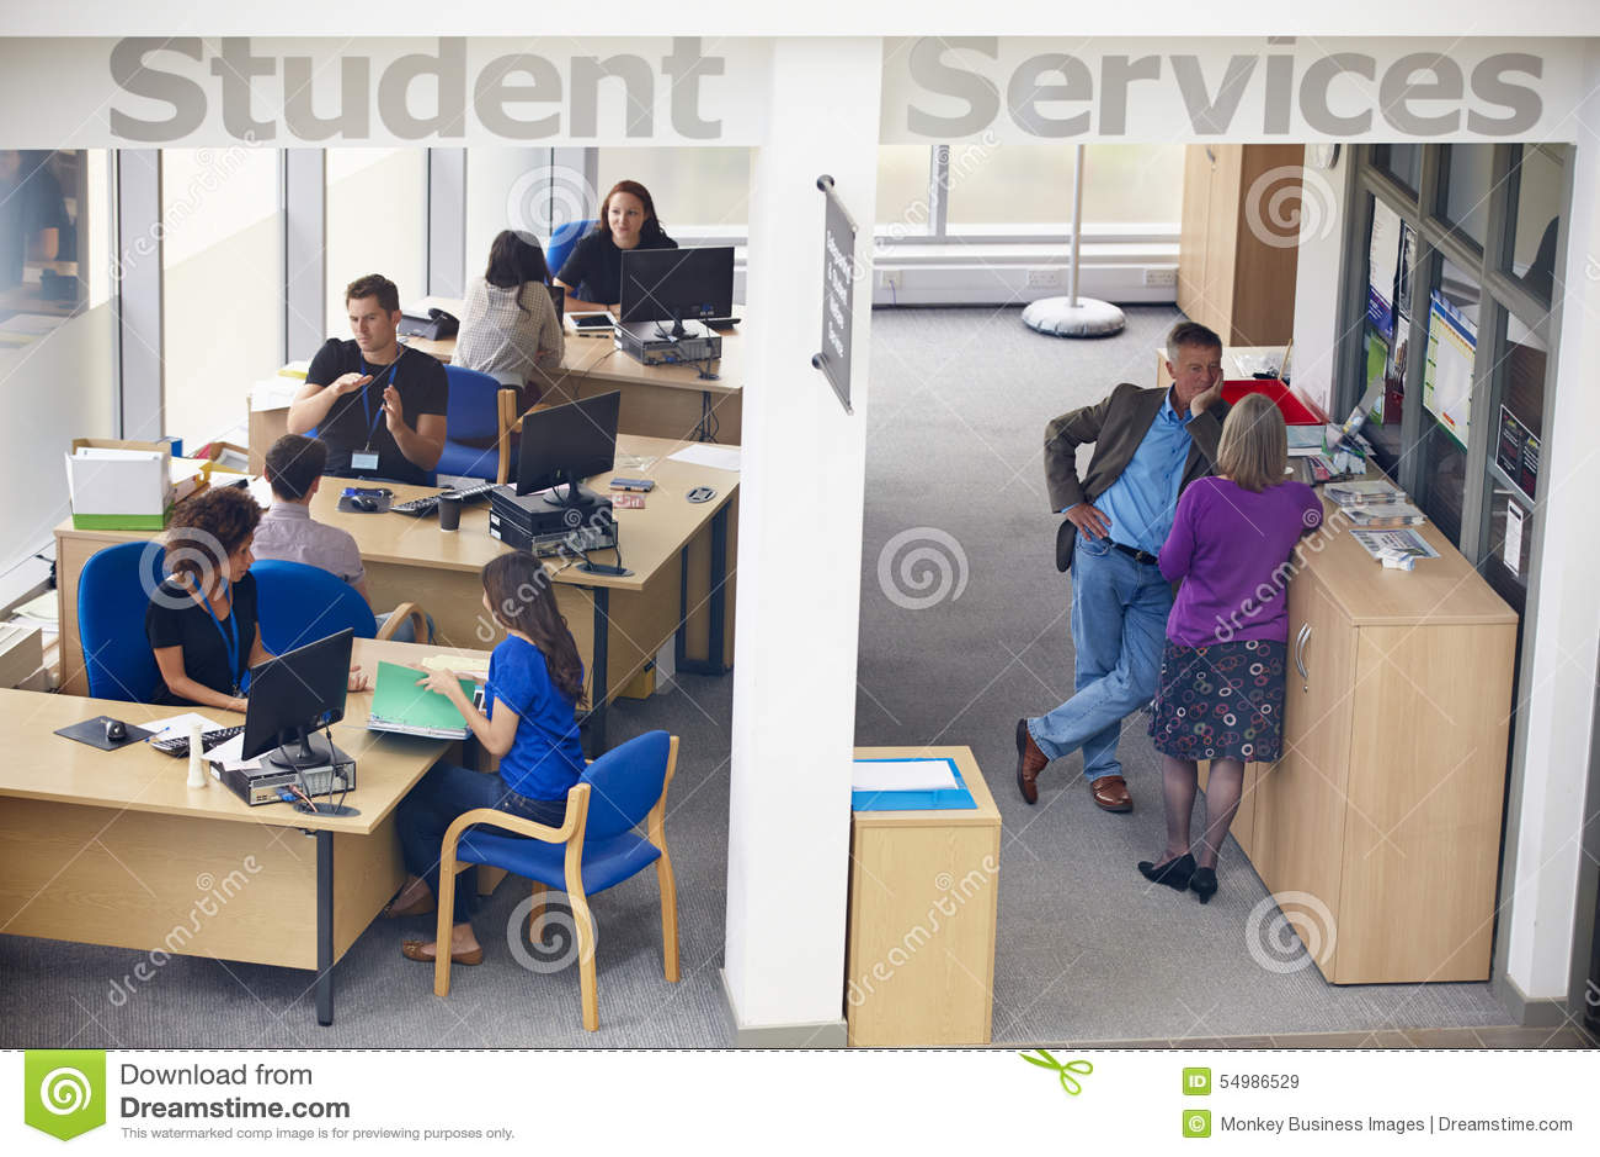 Universidad de Services Department Of del estudiante que asesora